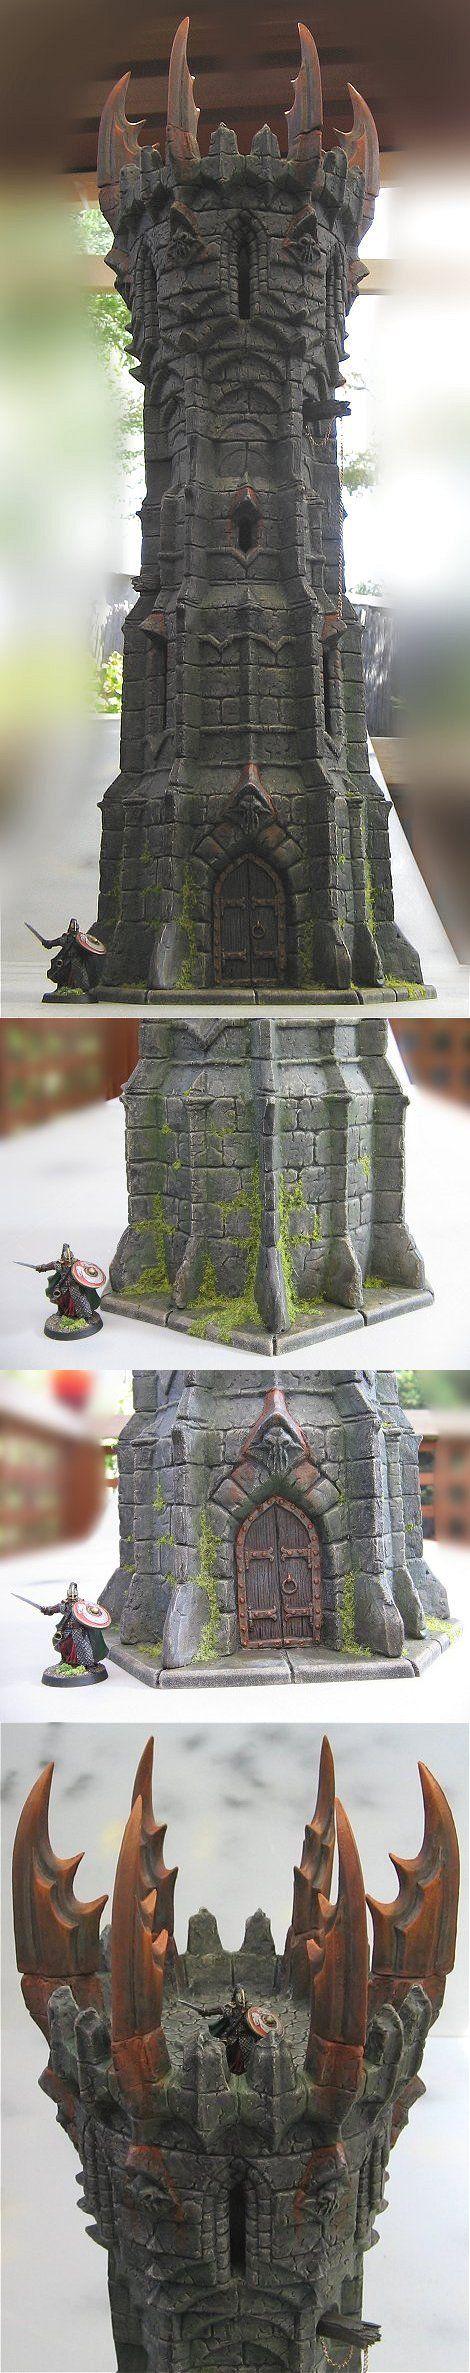 Terrain - An Evil Tower for LotR